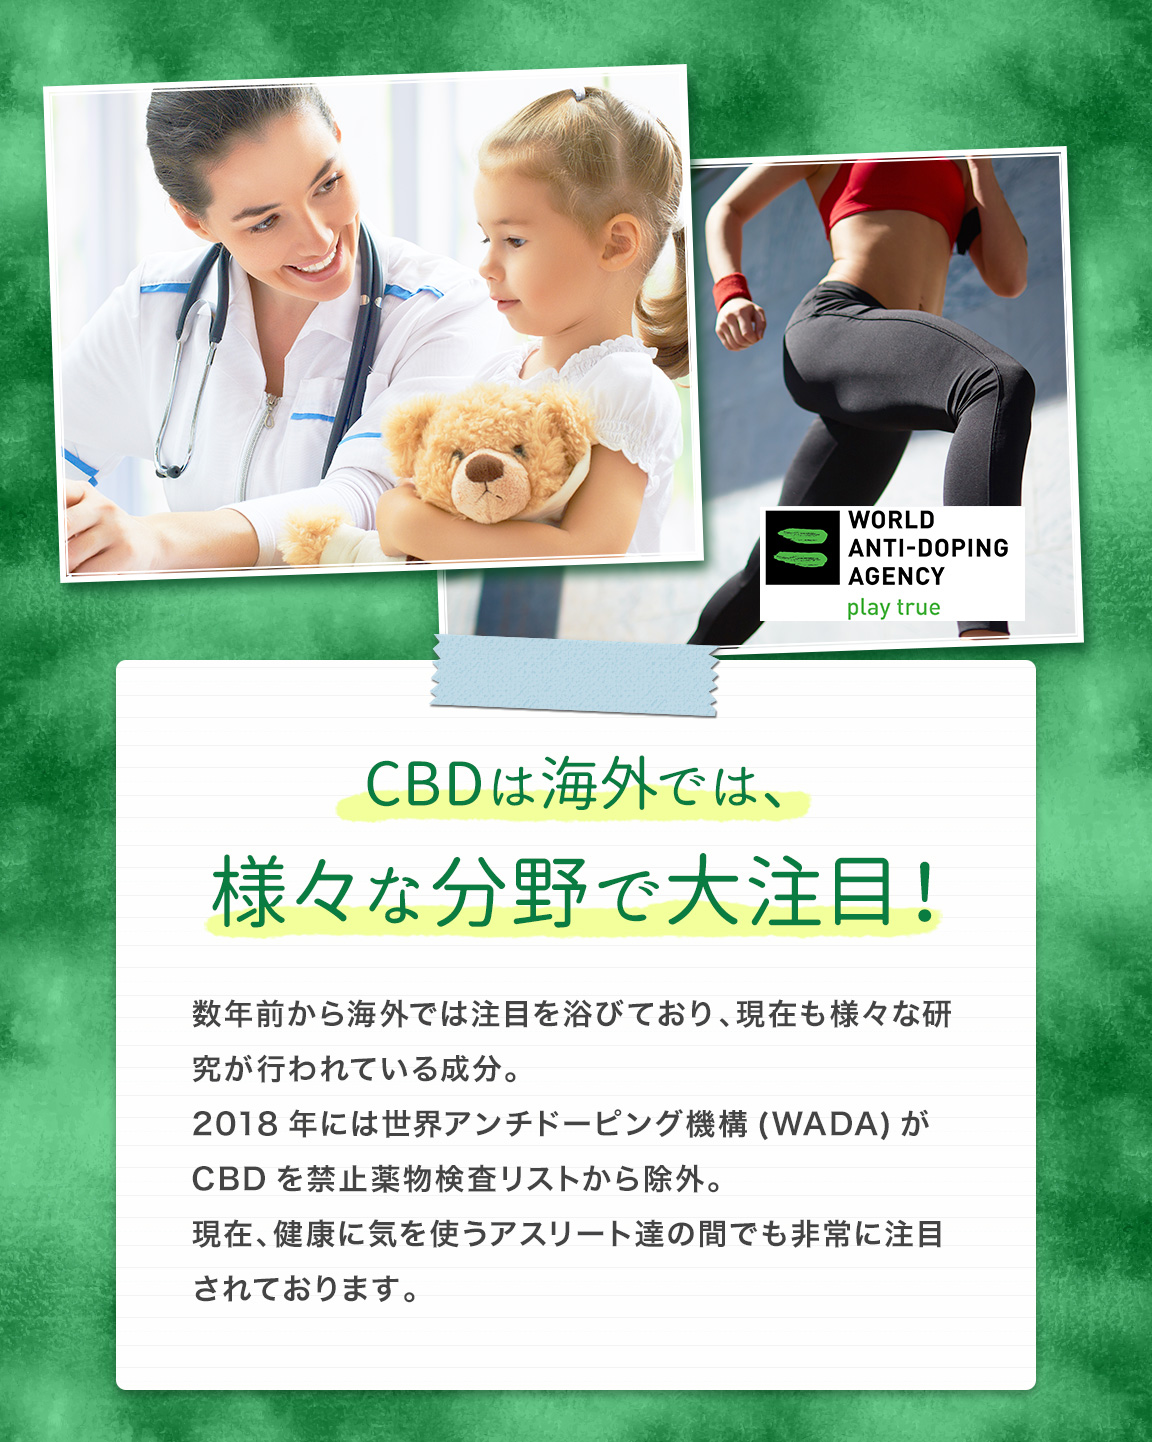 CBDは海外では、様々な分野で大注目!